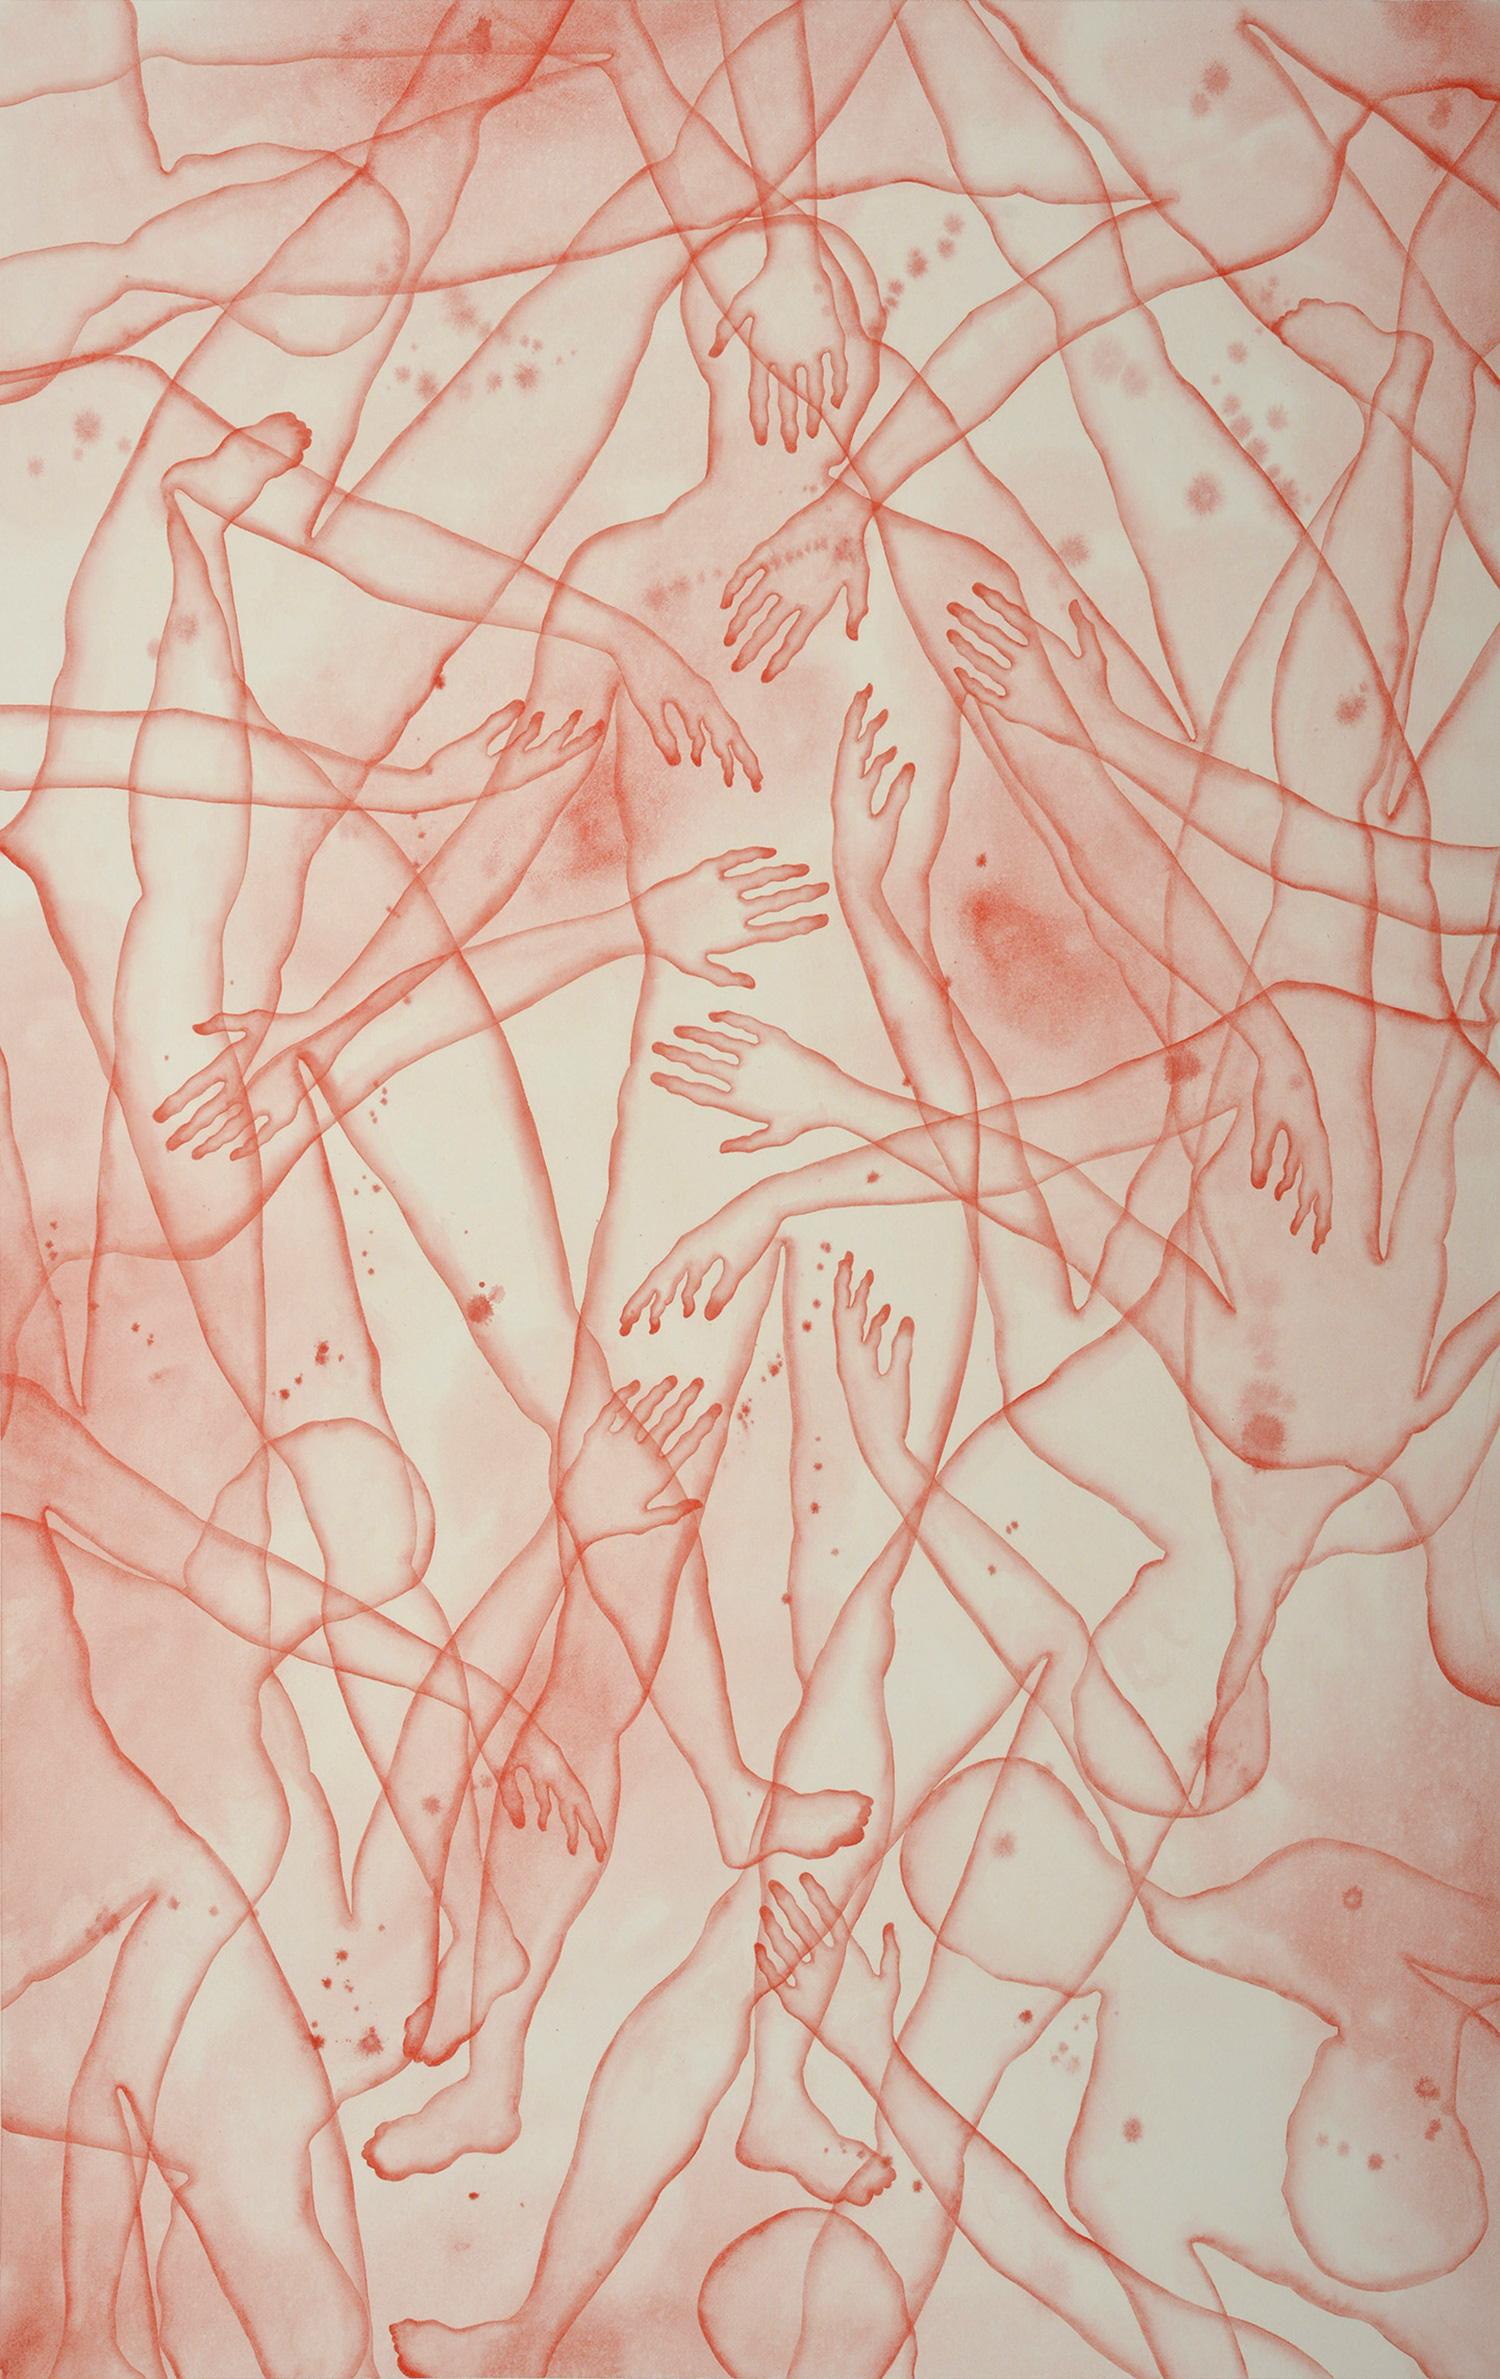 Stefano Bolzano, Co-esistenza sentimentale, acquerello su carta, 86x135 cm, 2020.